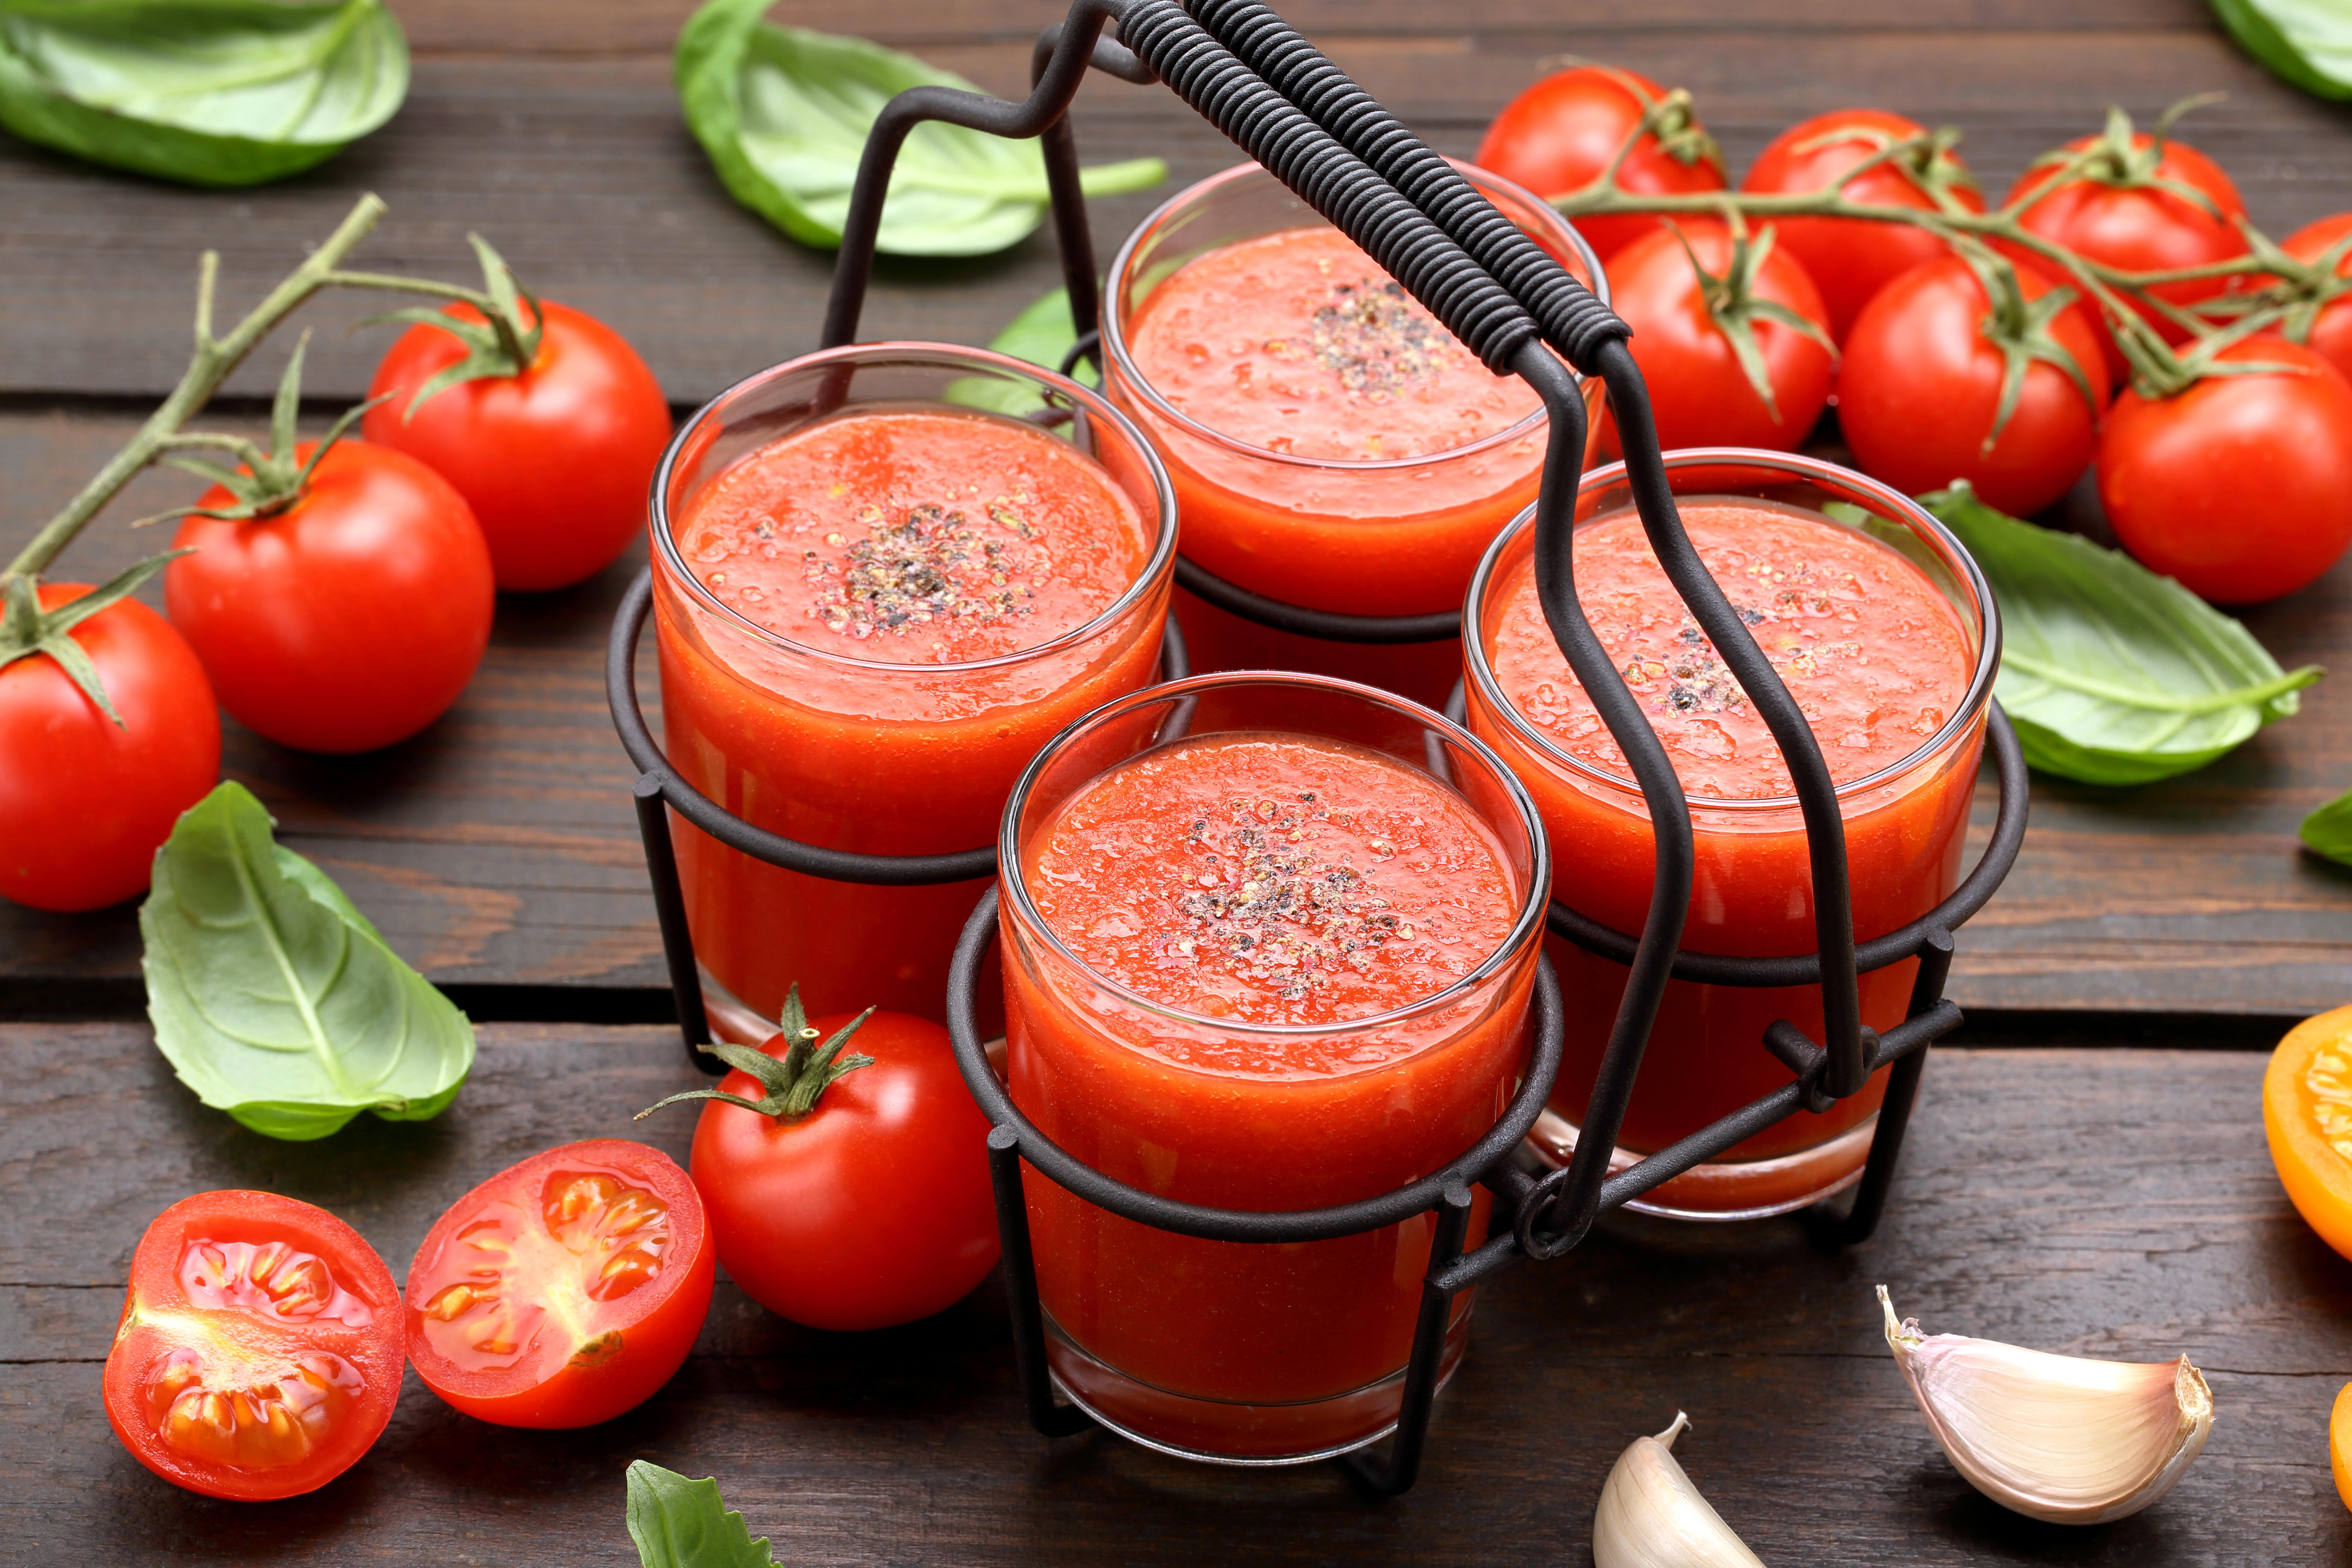 еда помидоры сок томатный ложка  № 2891465 загрузить